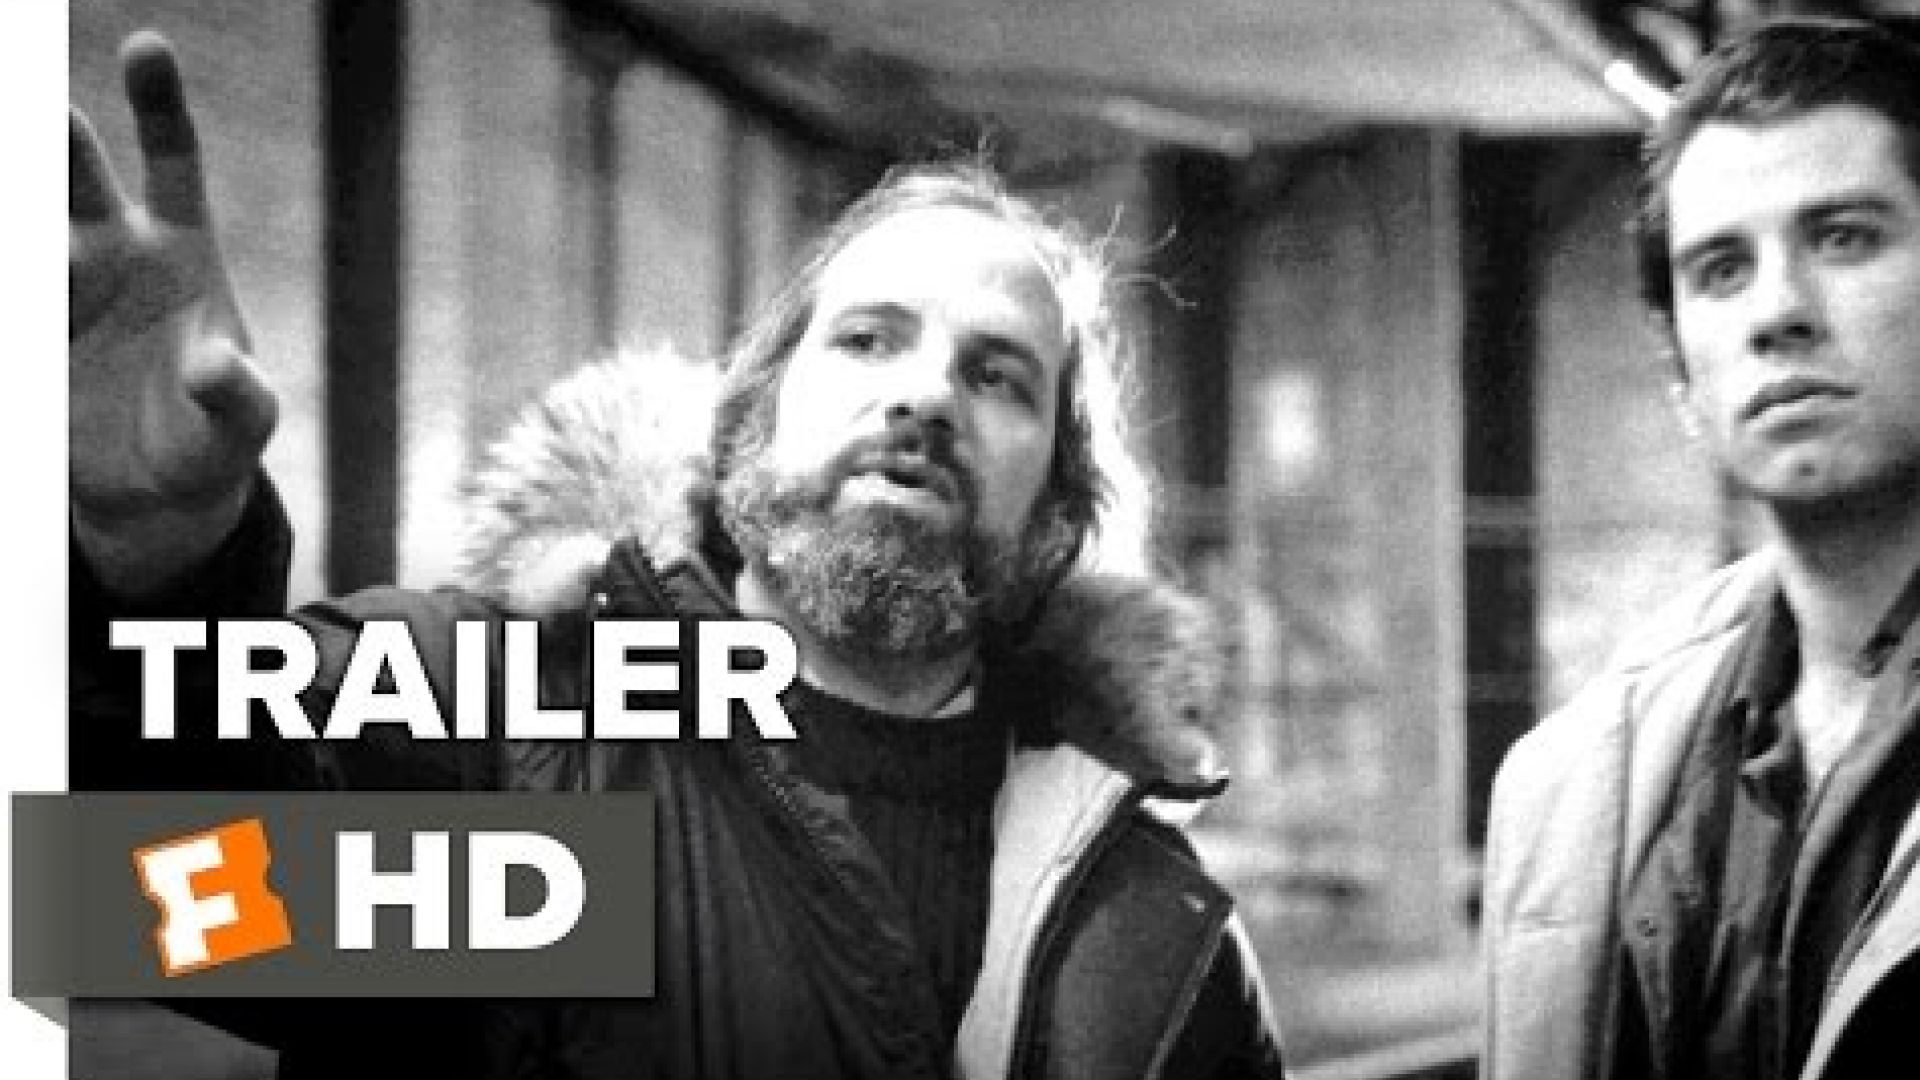 De Palma Trailer Brian De Palma Documentary